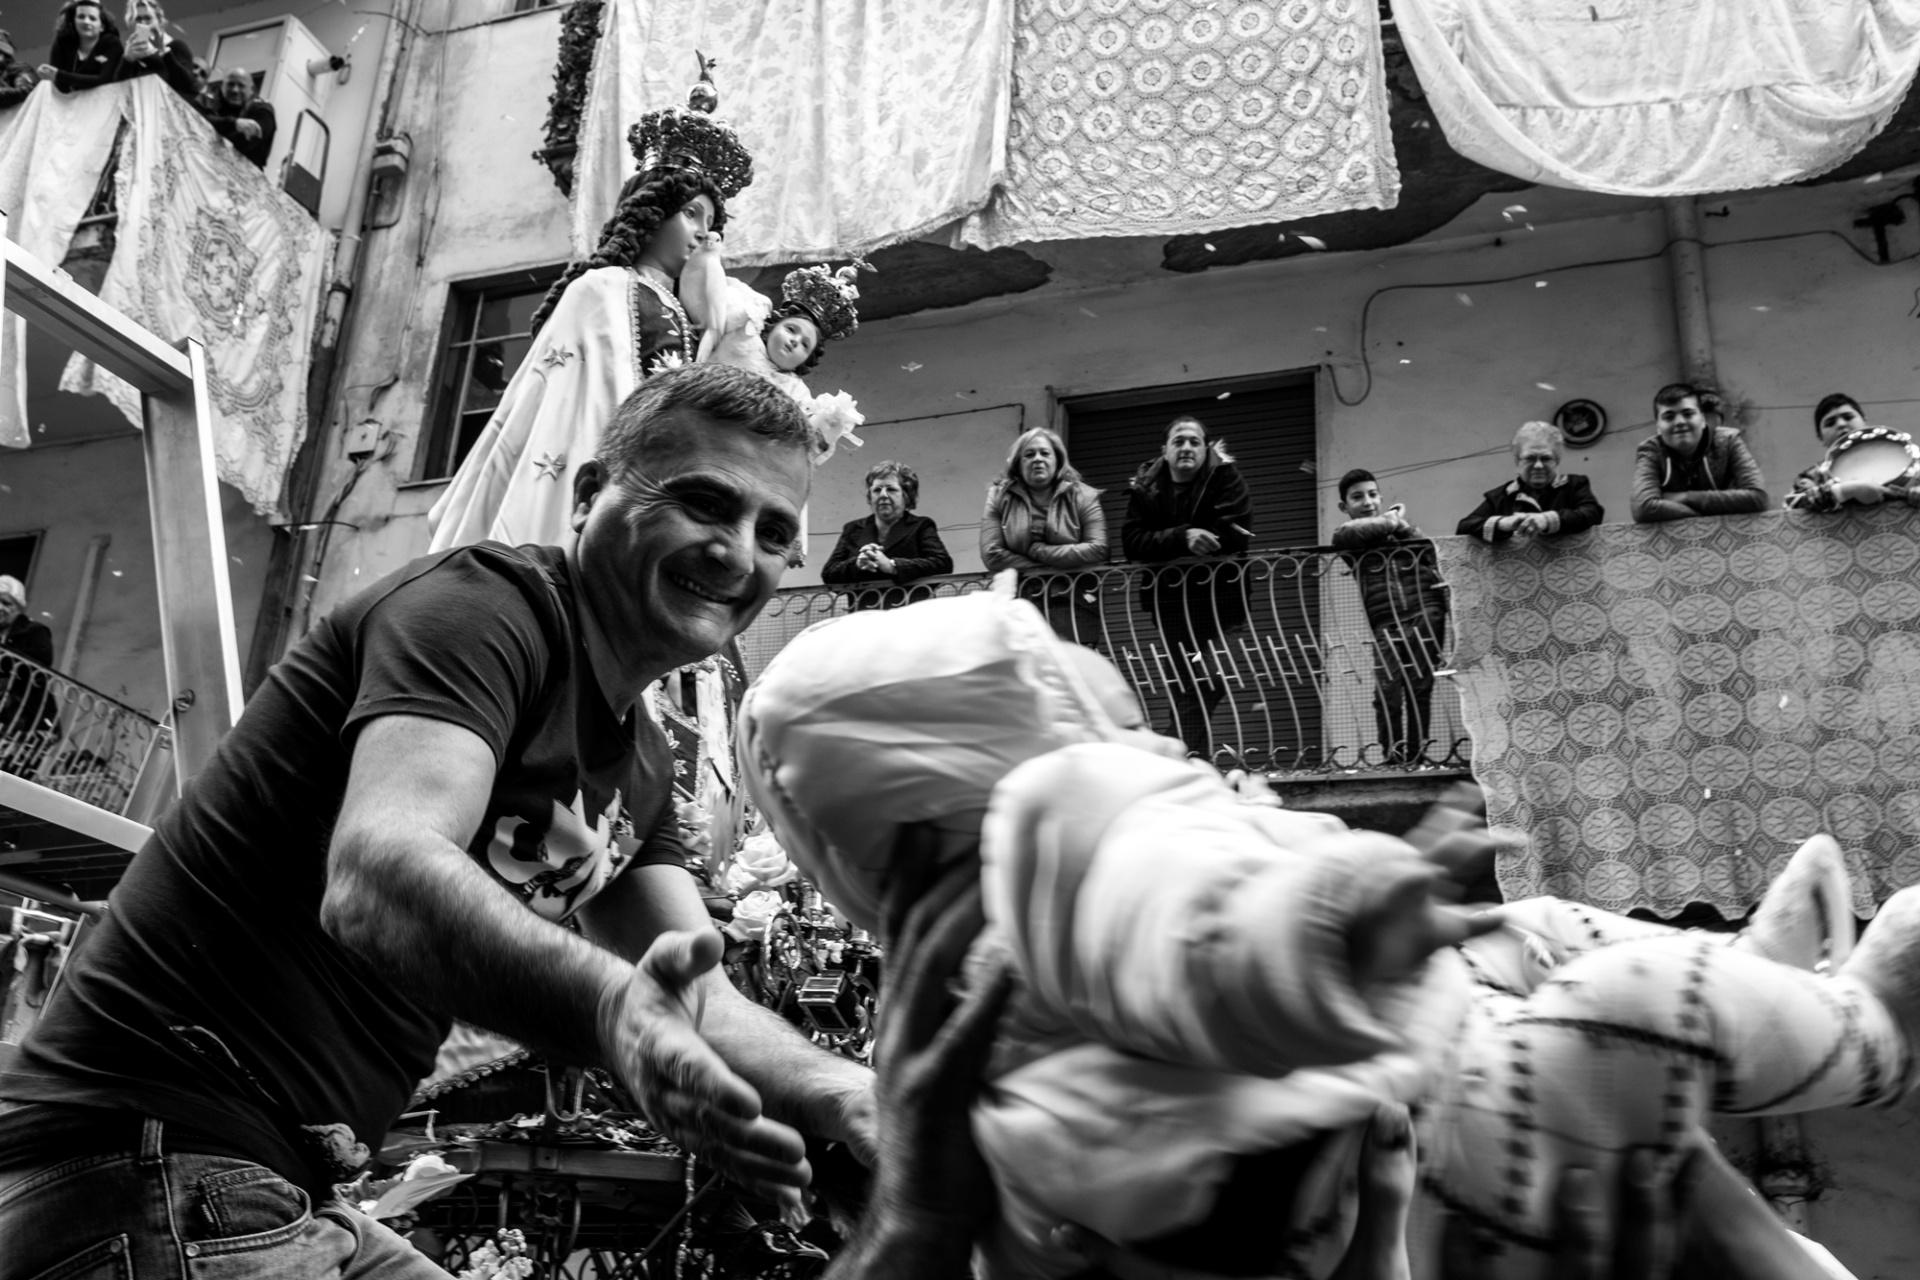 A Maronna de galline, 7444229 Una delle tappe più importanti e significative del mio viaggio attraverso le feste e i riti religiosi della tradizione del sud Italia è sicuramente quella relativa alla festa